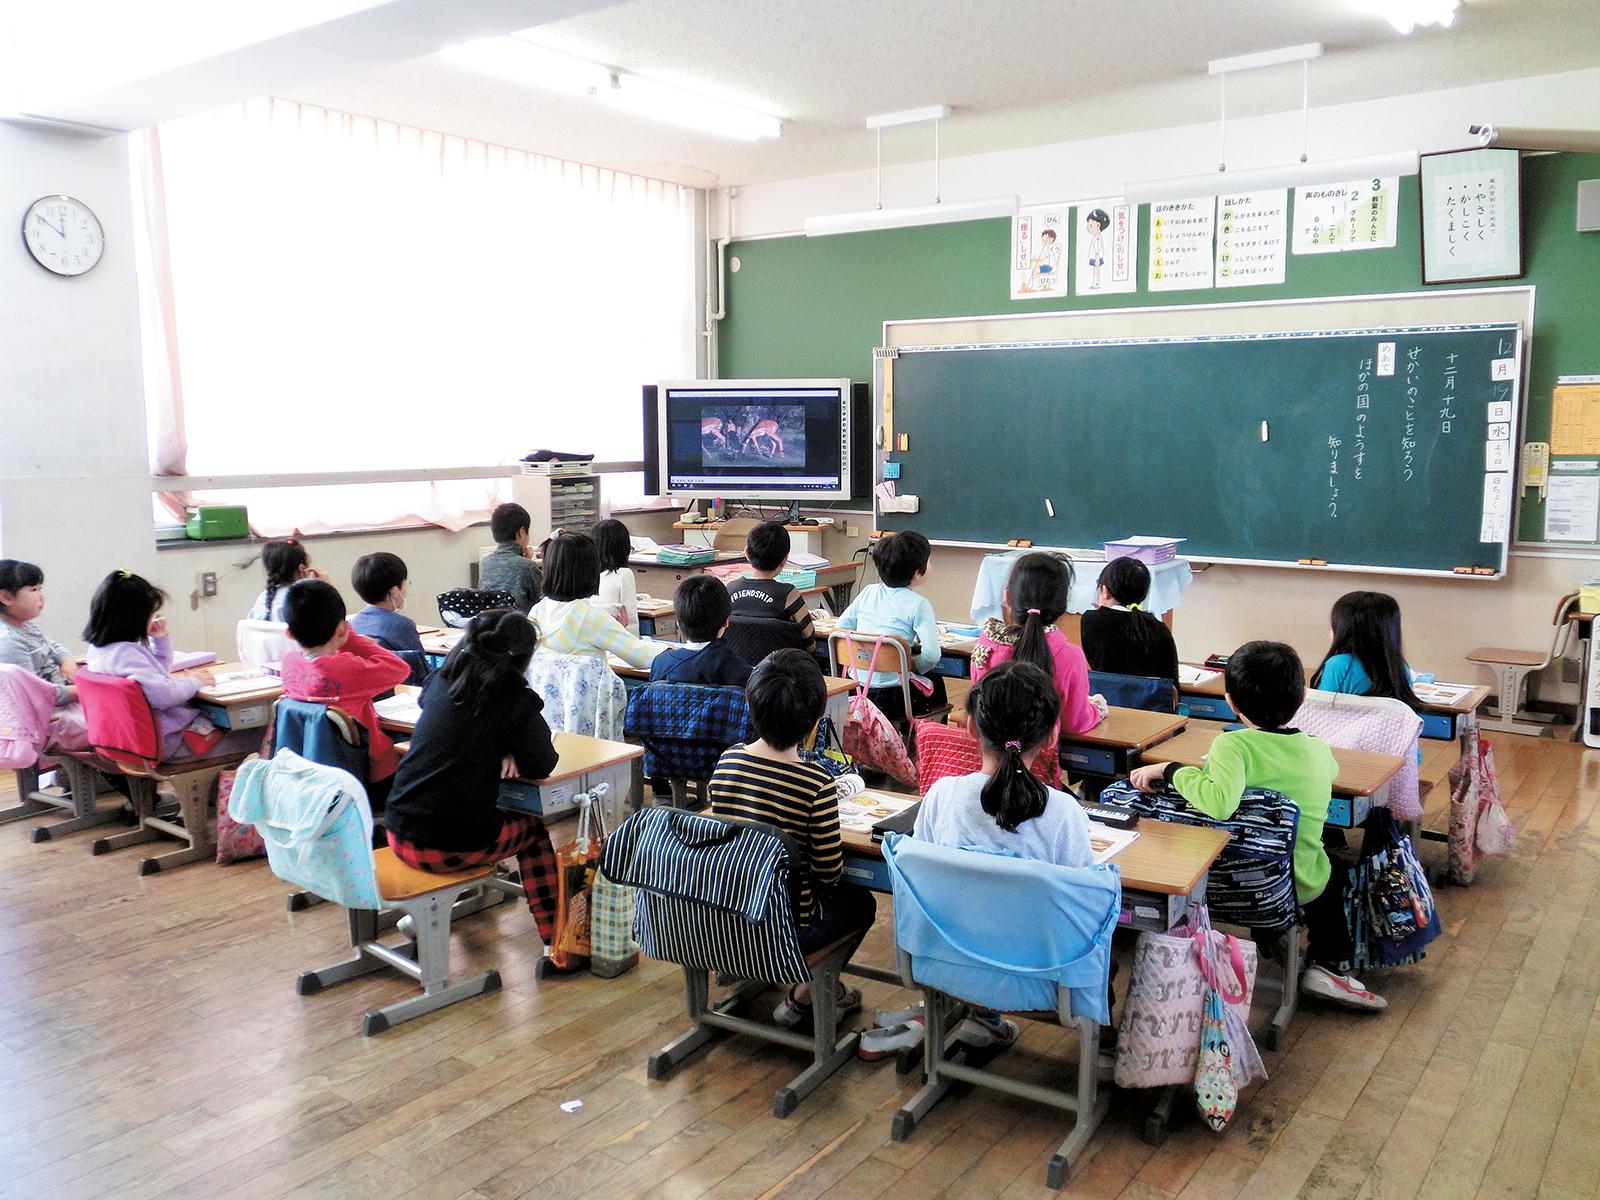 荒川区立尾久宮前小学校では、道徳教育の一環として、2年生を対象に「スマイル アフリカ プロジェクト」を知る授業が行われた。映像資料を観る児童たち。